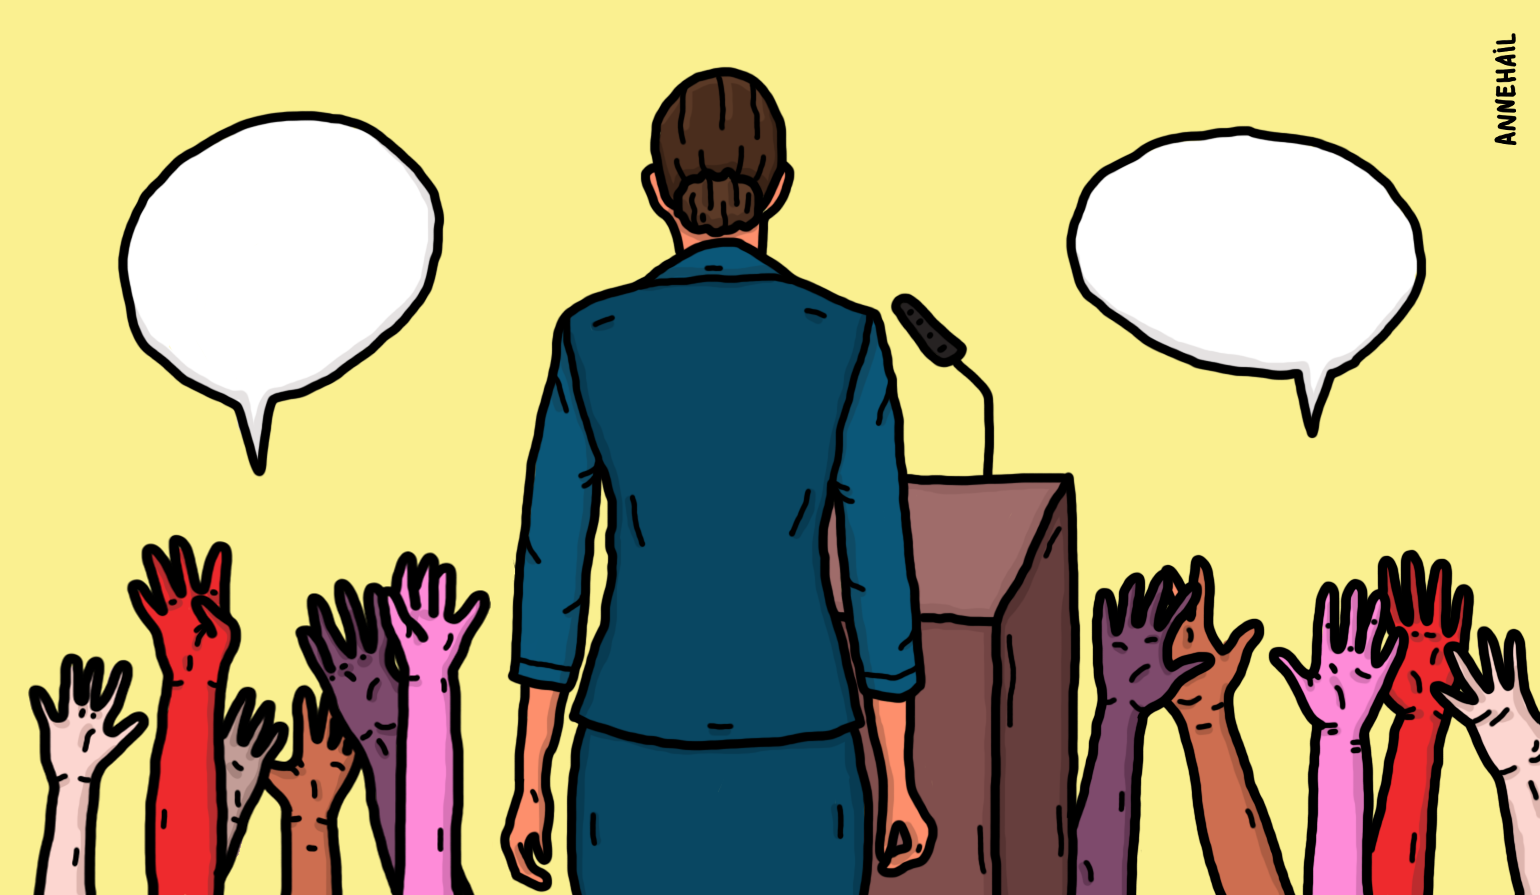 Mulheres nas autarquias: a luta continua